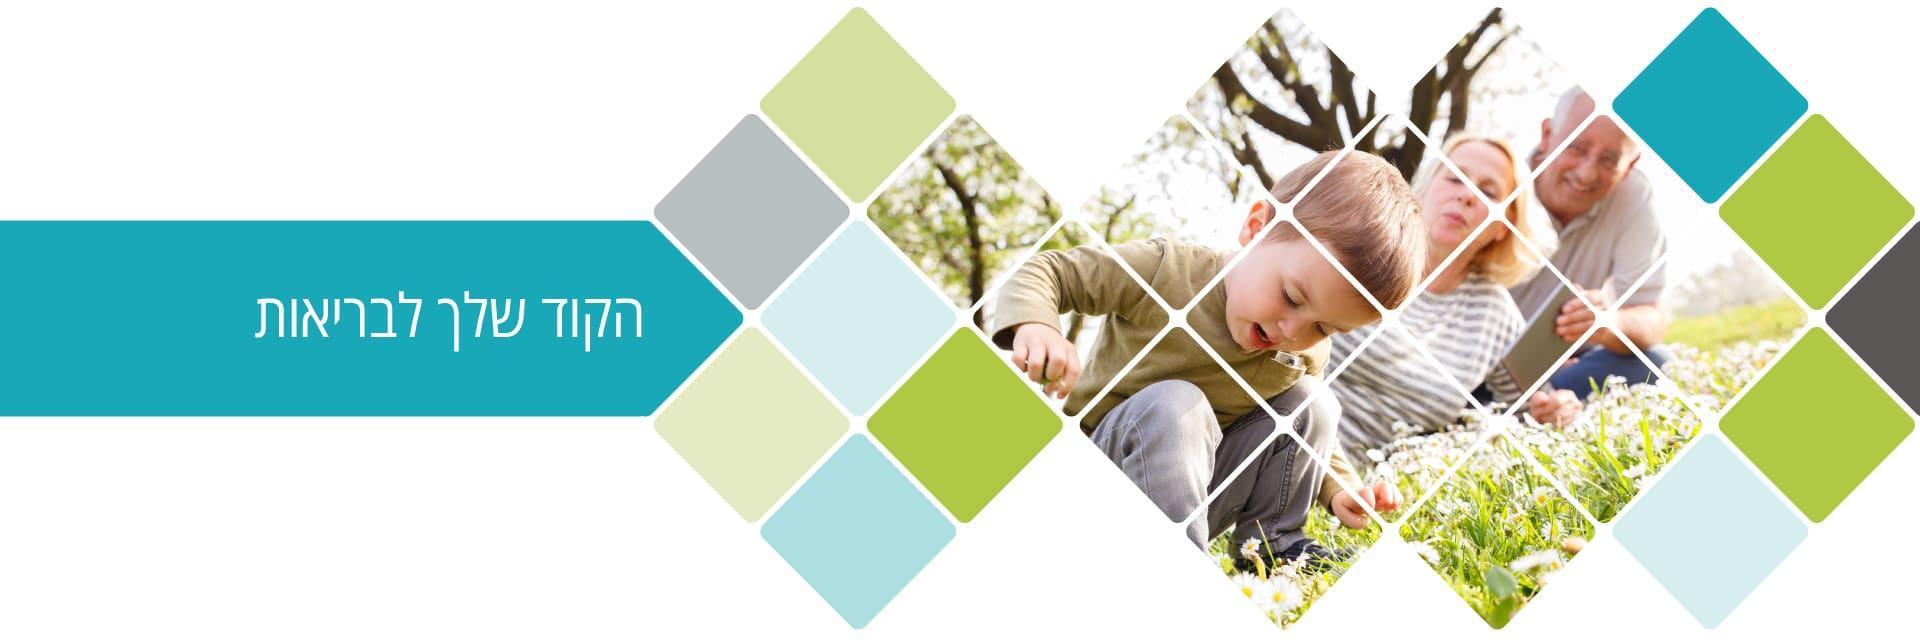 תמונה של ילדים בסליידר בעמוד בדיקות גנטיות